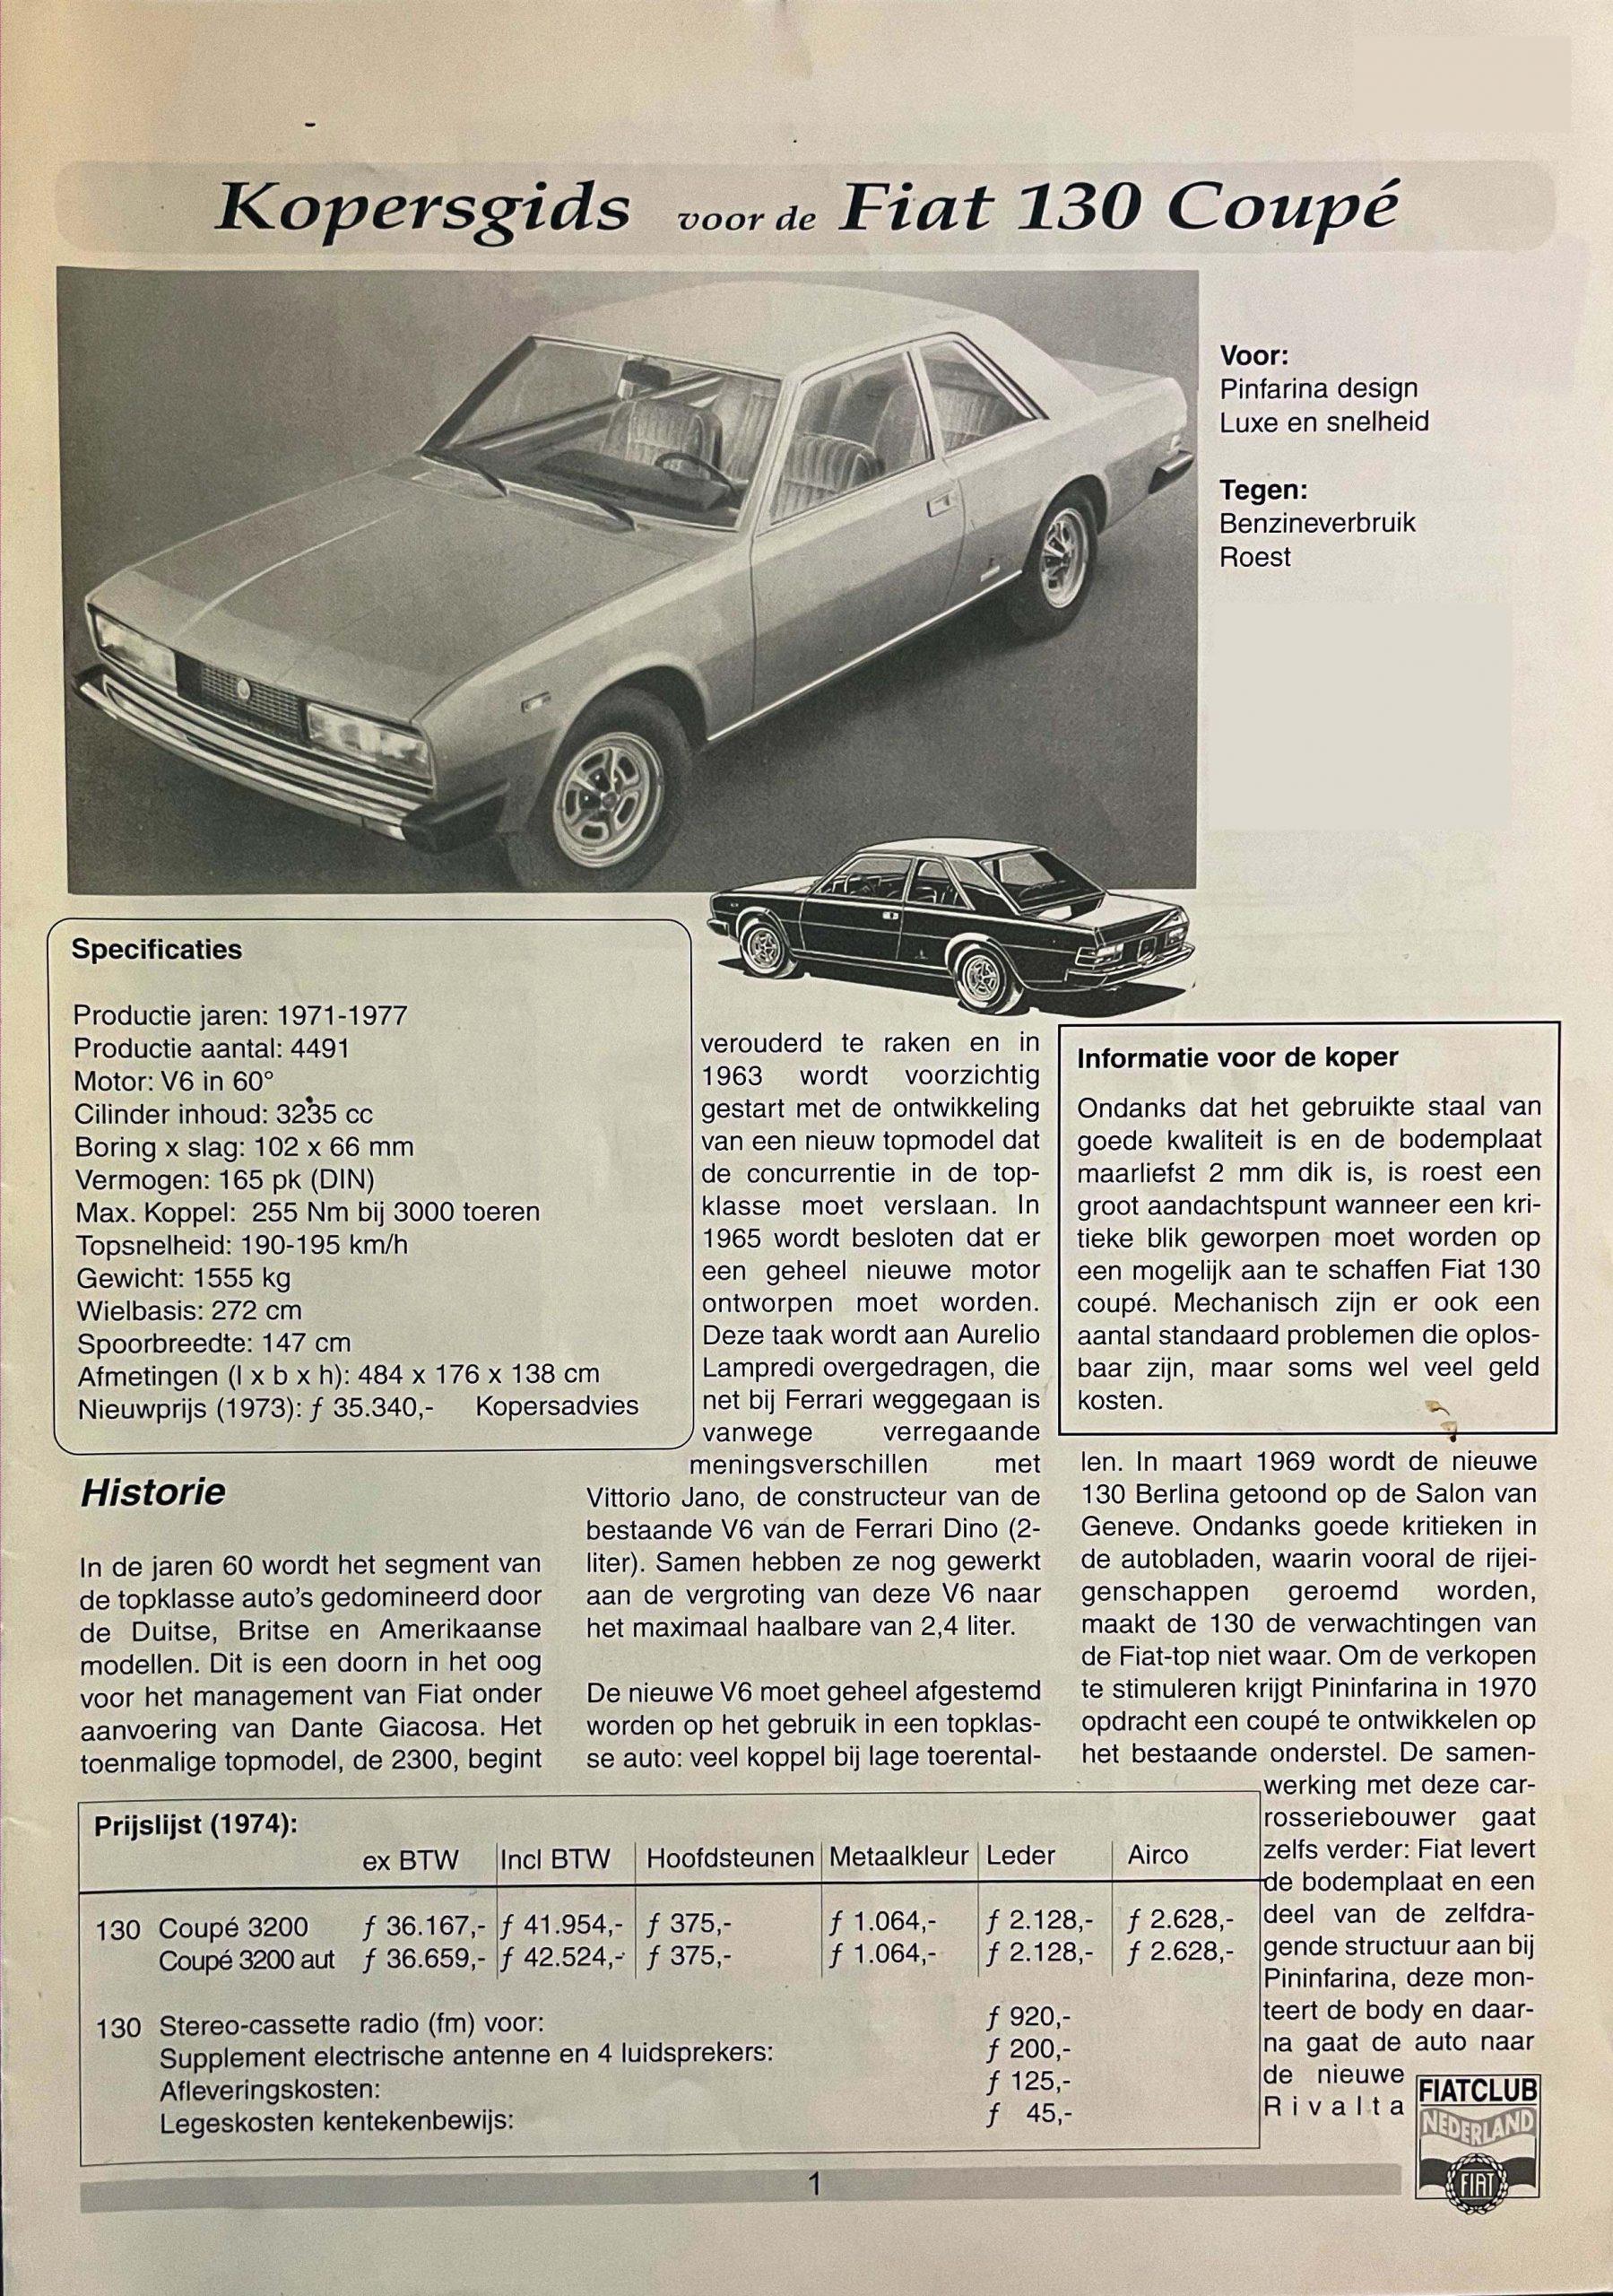 aankoop informatie Fiat 130 coupe